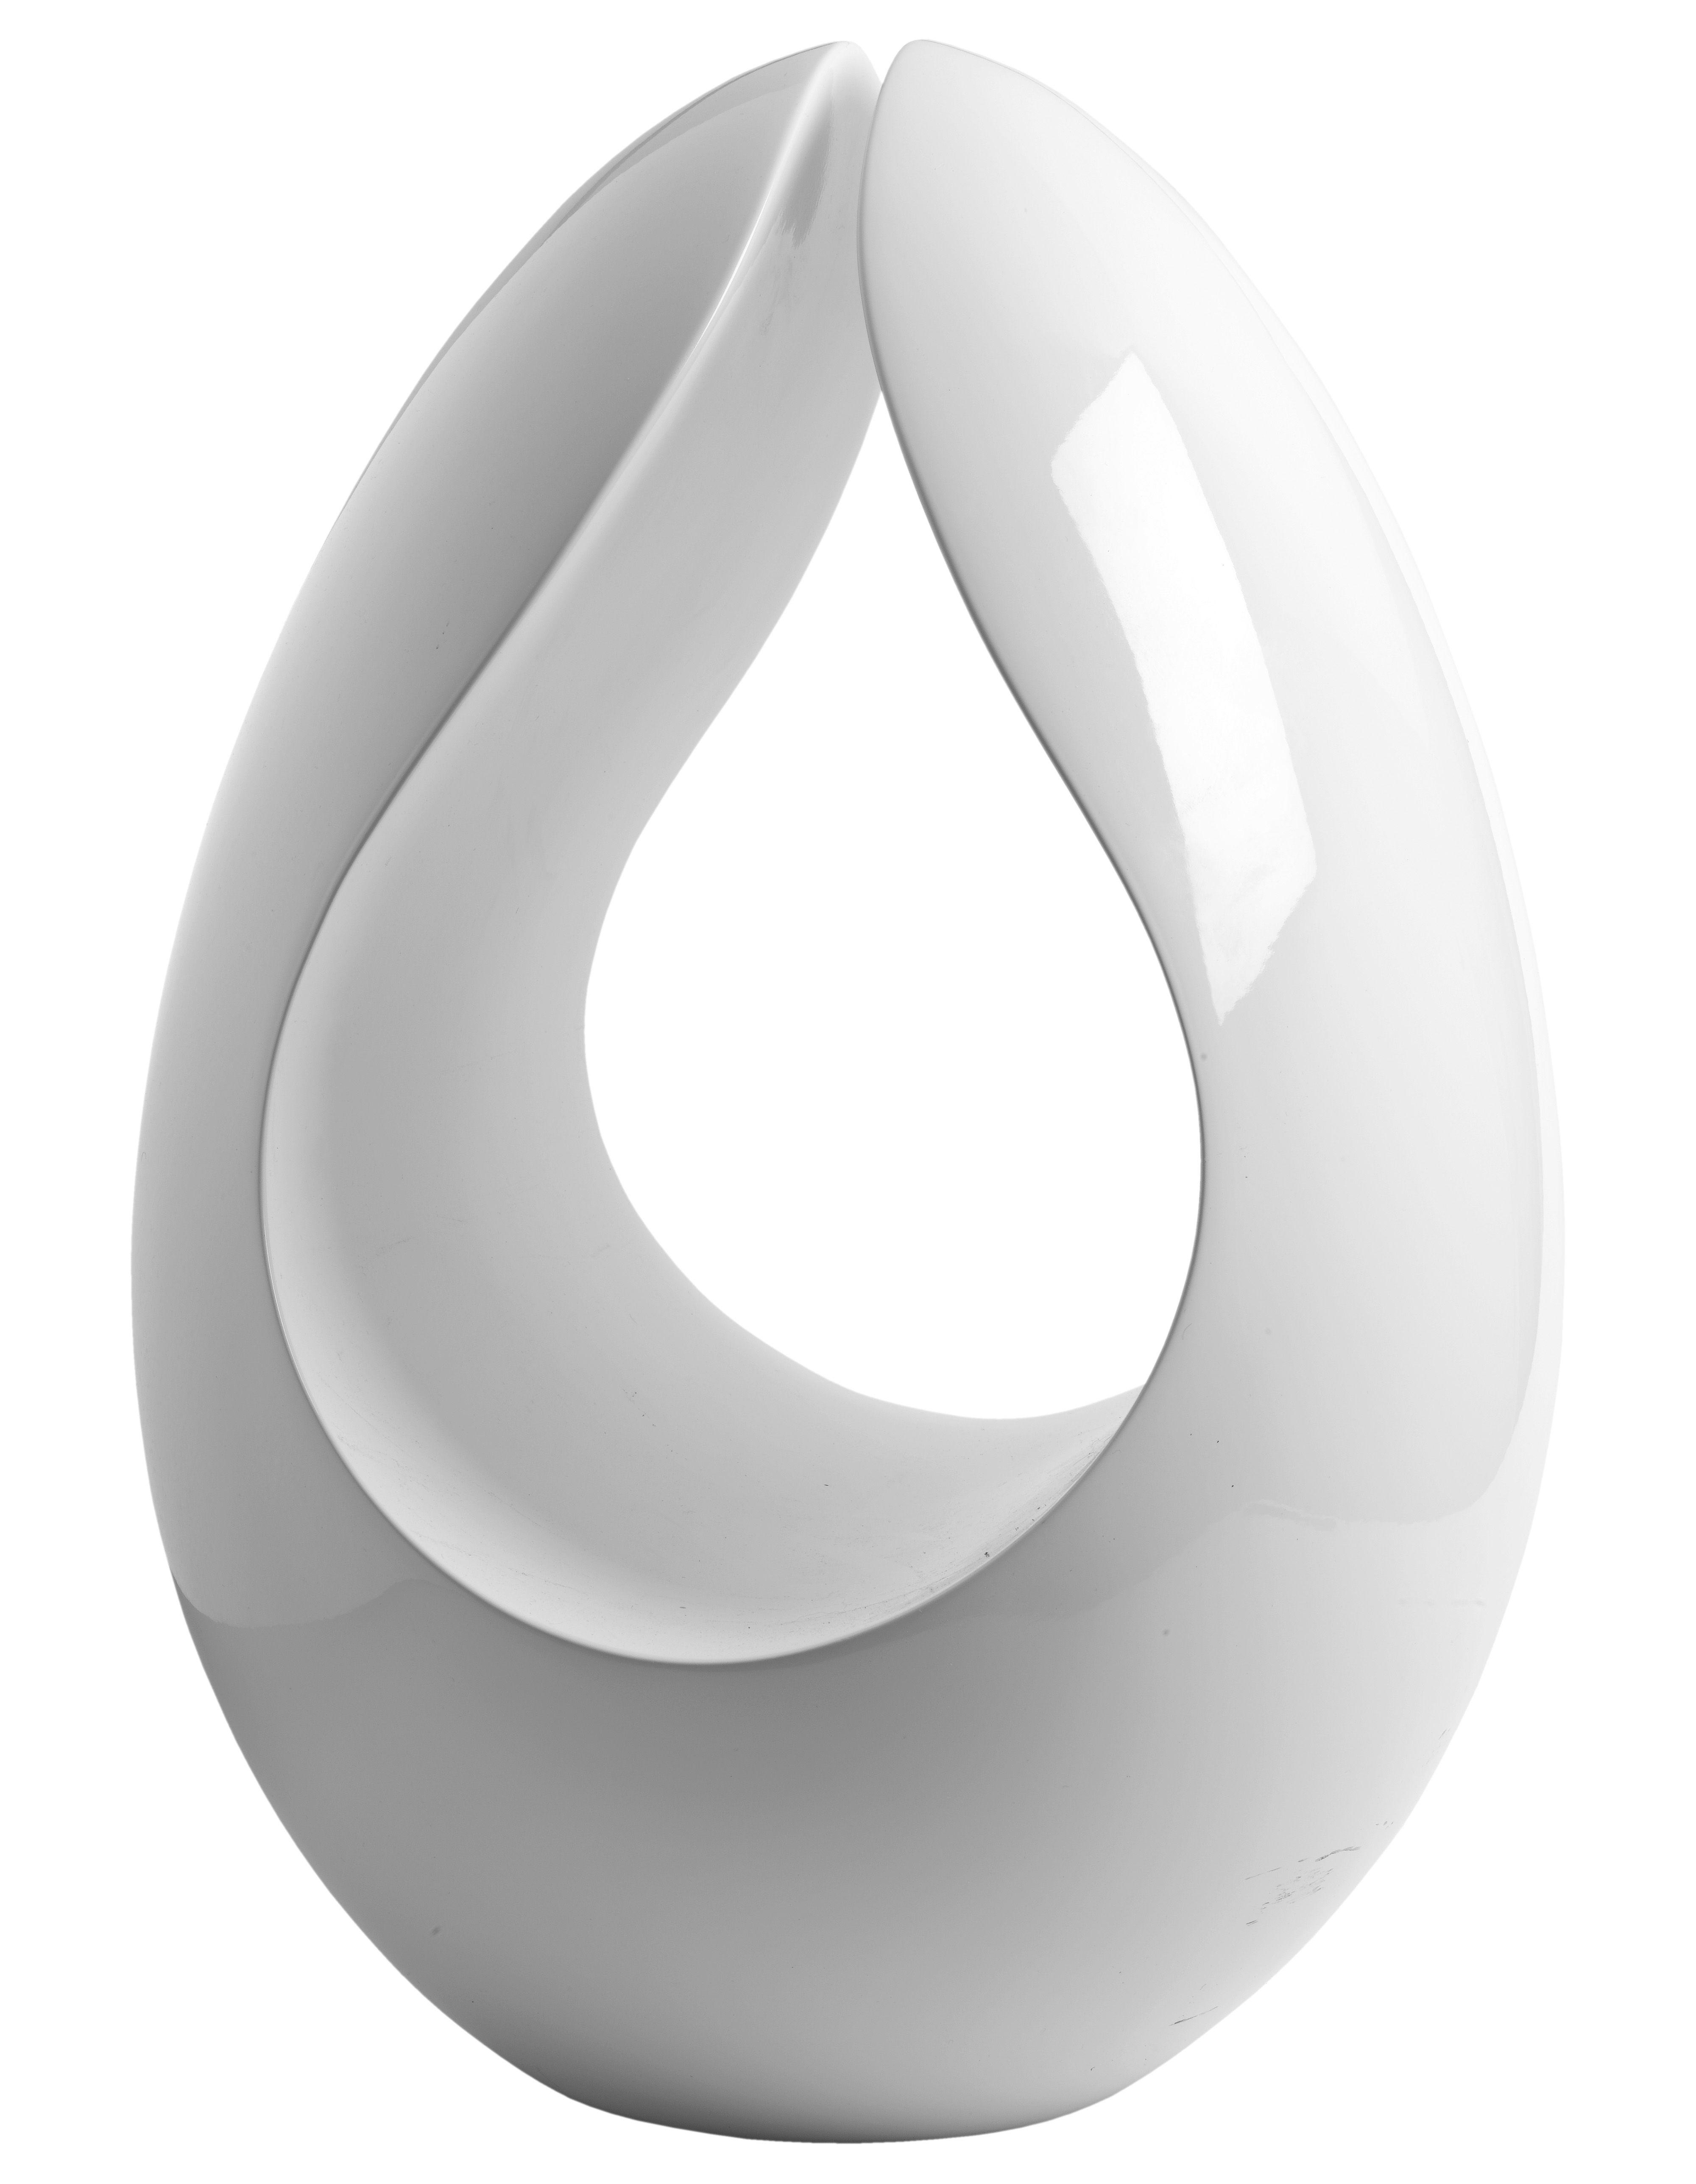 Déco - Paniers et petits rangements - Porte-revues Ovo - Stamp Edition - Blanc brillant - Fibre de verre